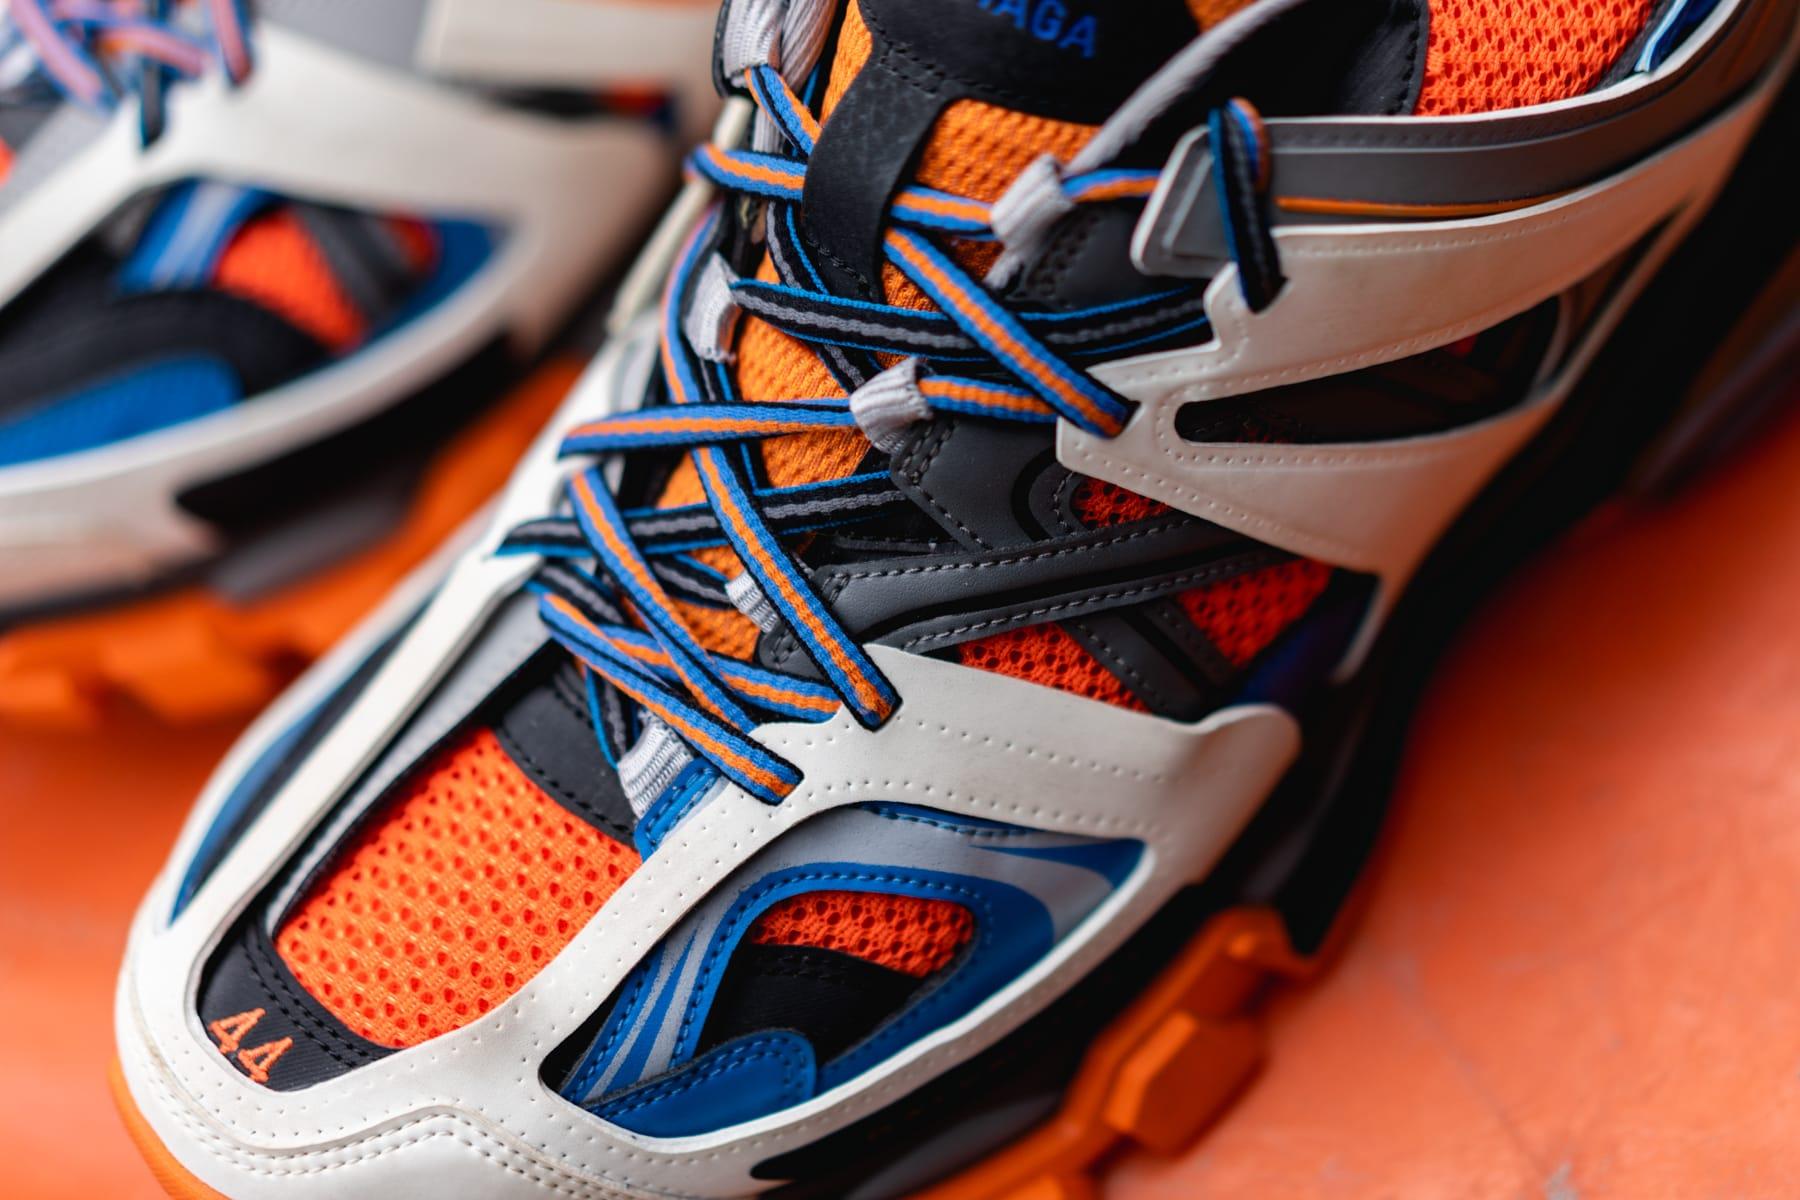 Balenciaga TRACK Sneaker: A Closer Look